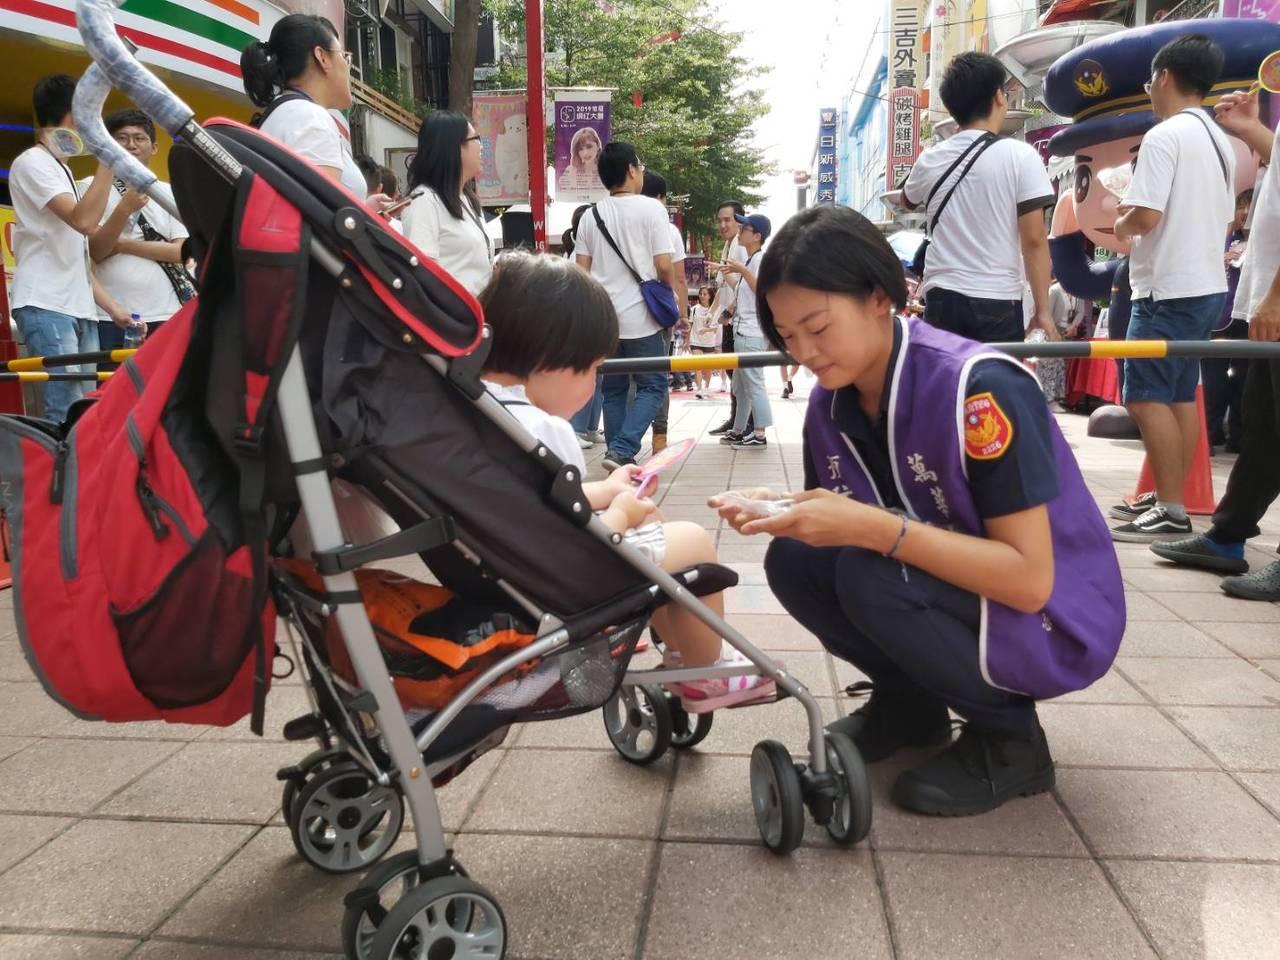 台北市萬華分局呼應電影主題,也到場宣導反毒概念。記者李隆揆/翻攝